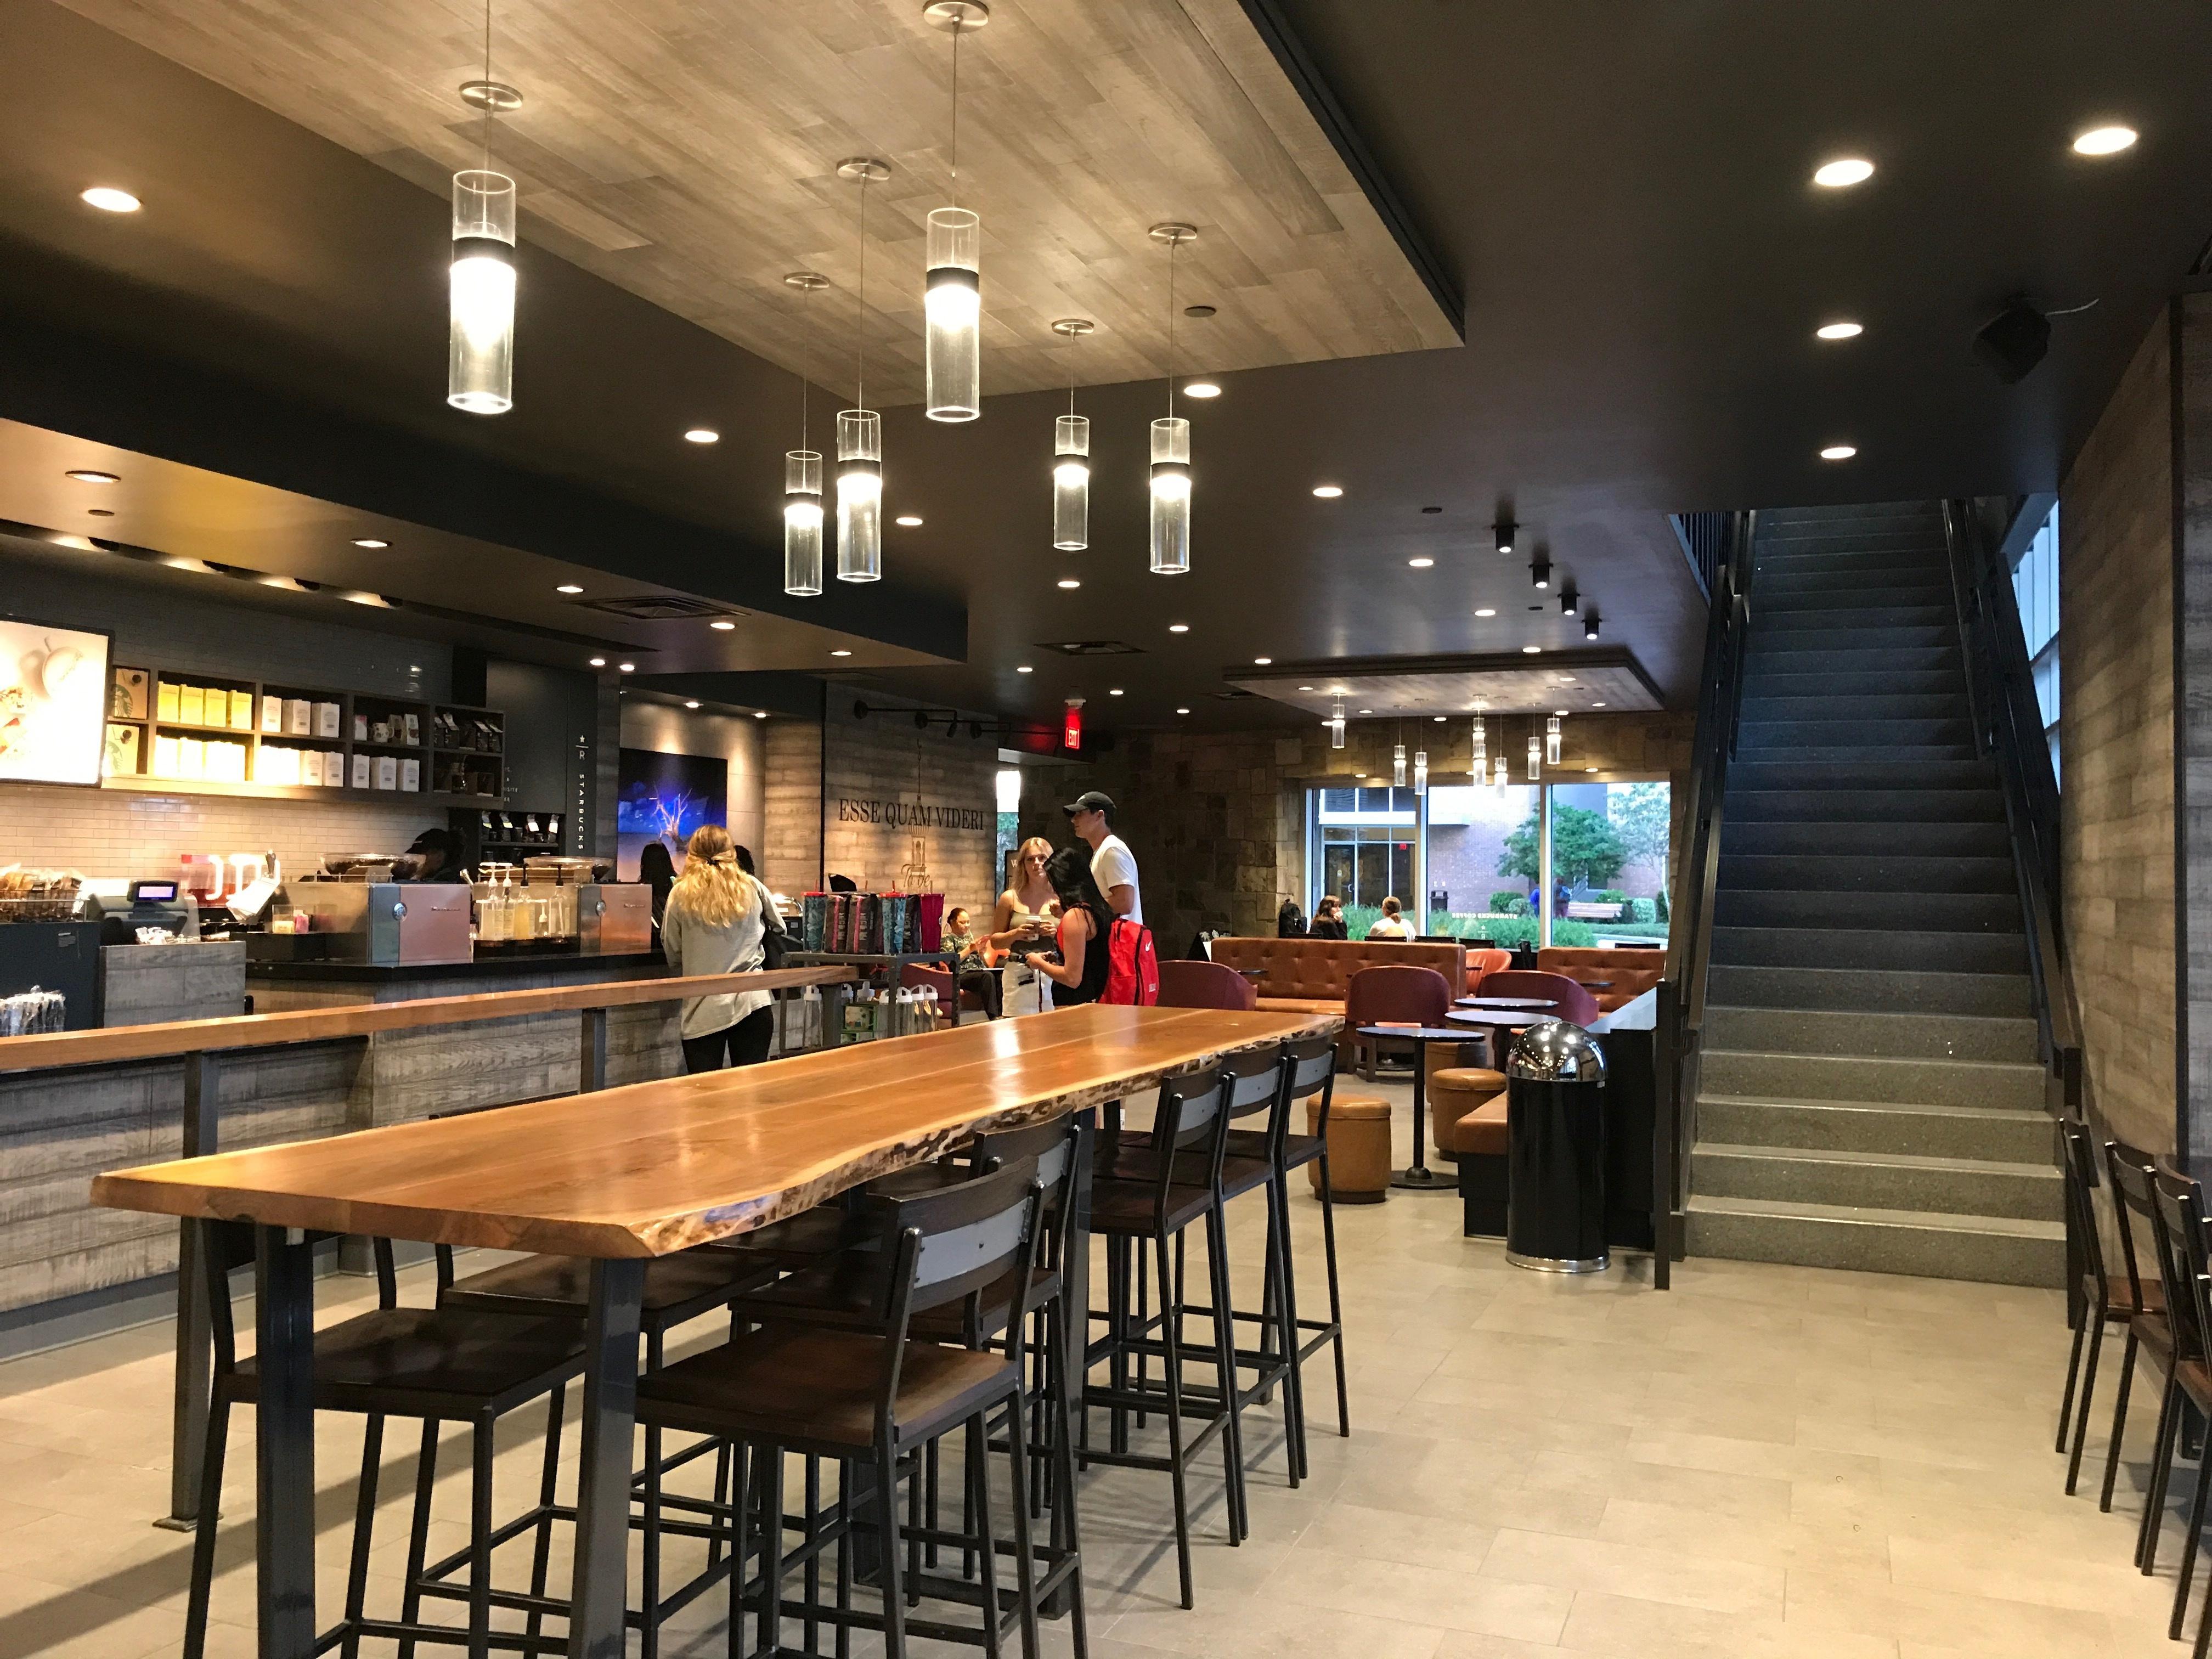 Starbucks in University of Tampa in Tampa